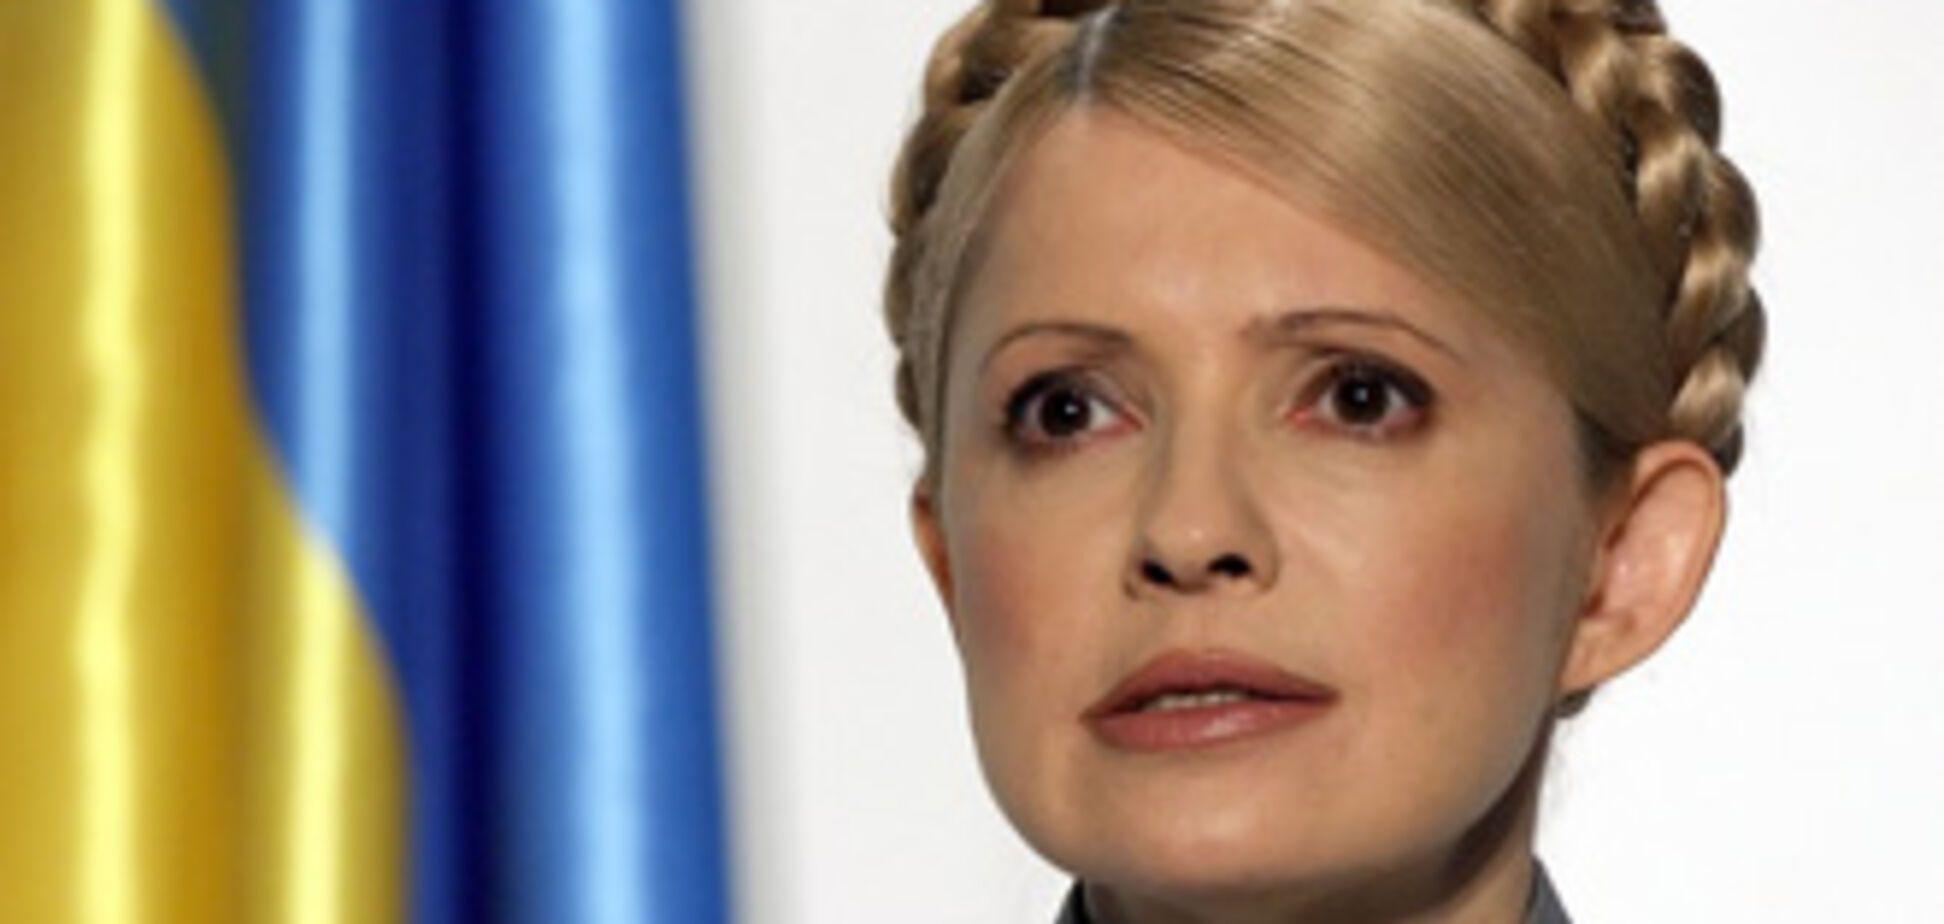 Тимошенко пророкують кінець політичної кар'єри